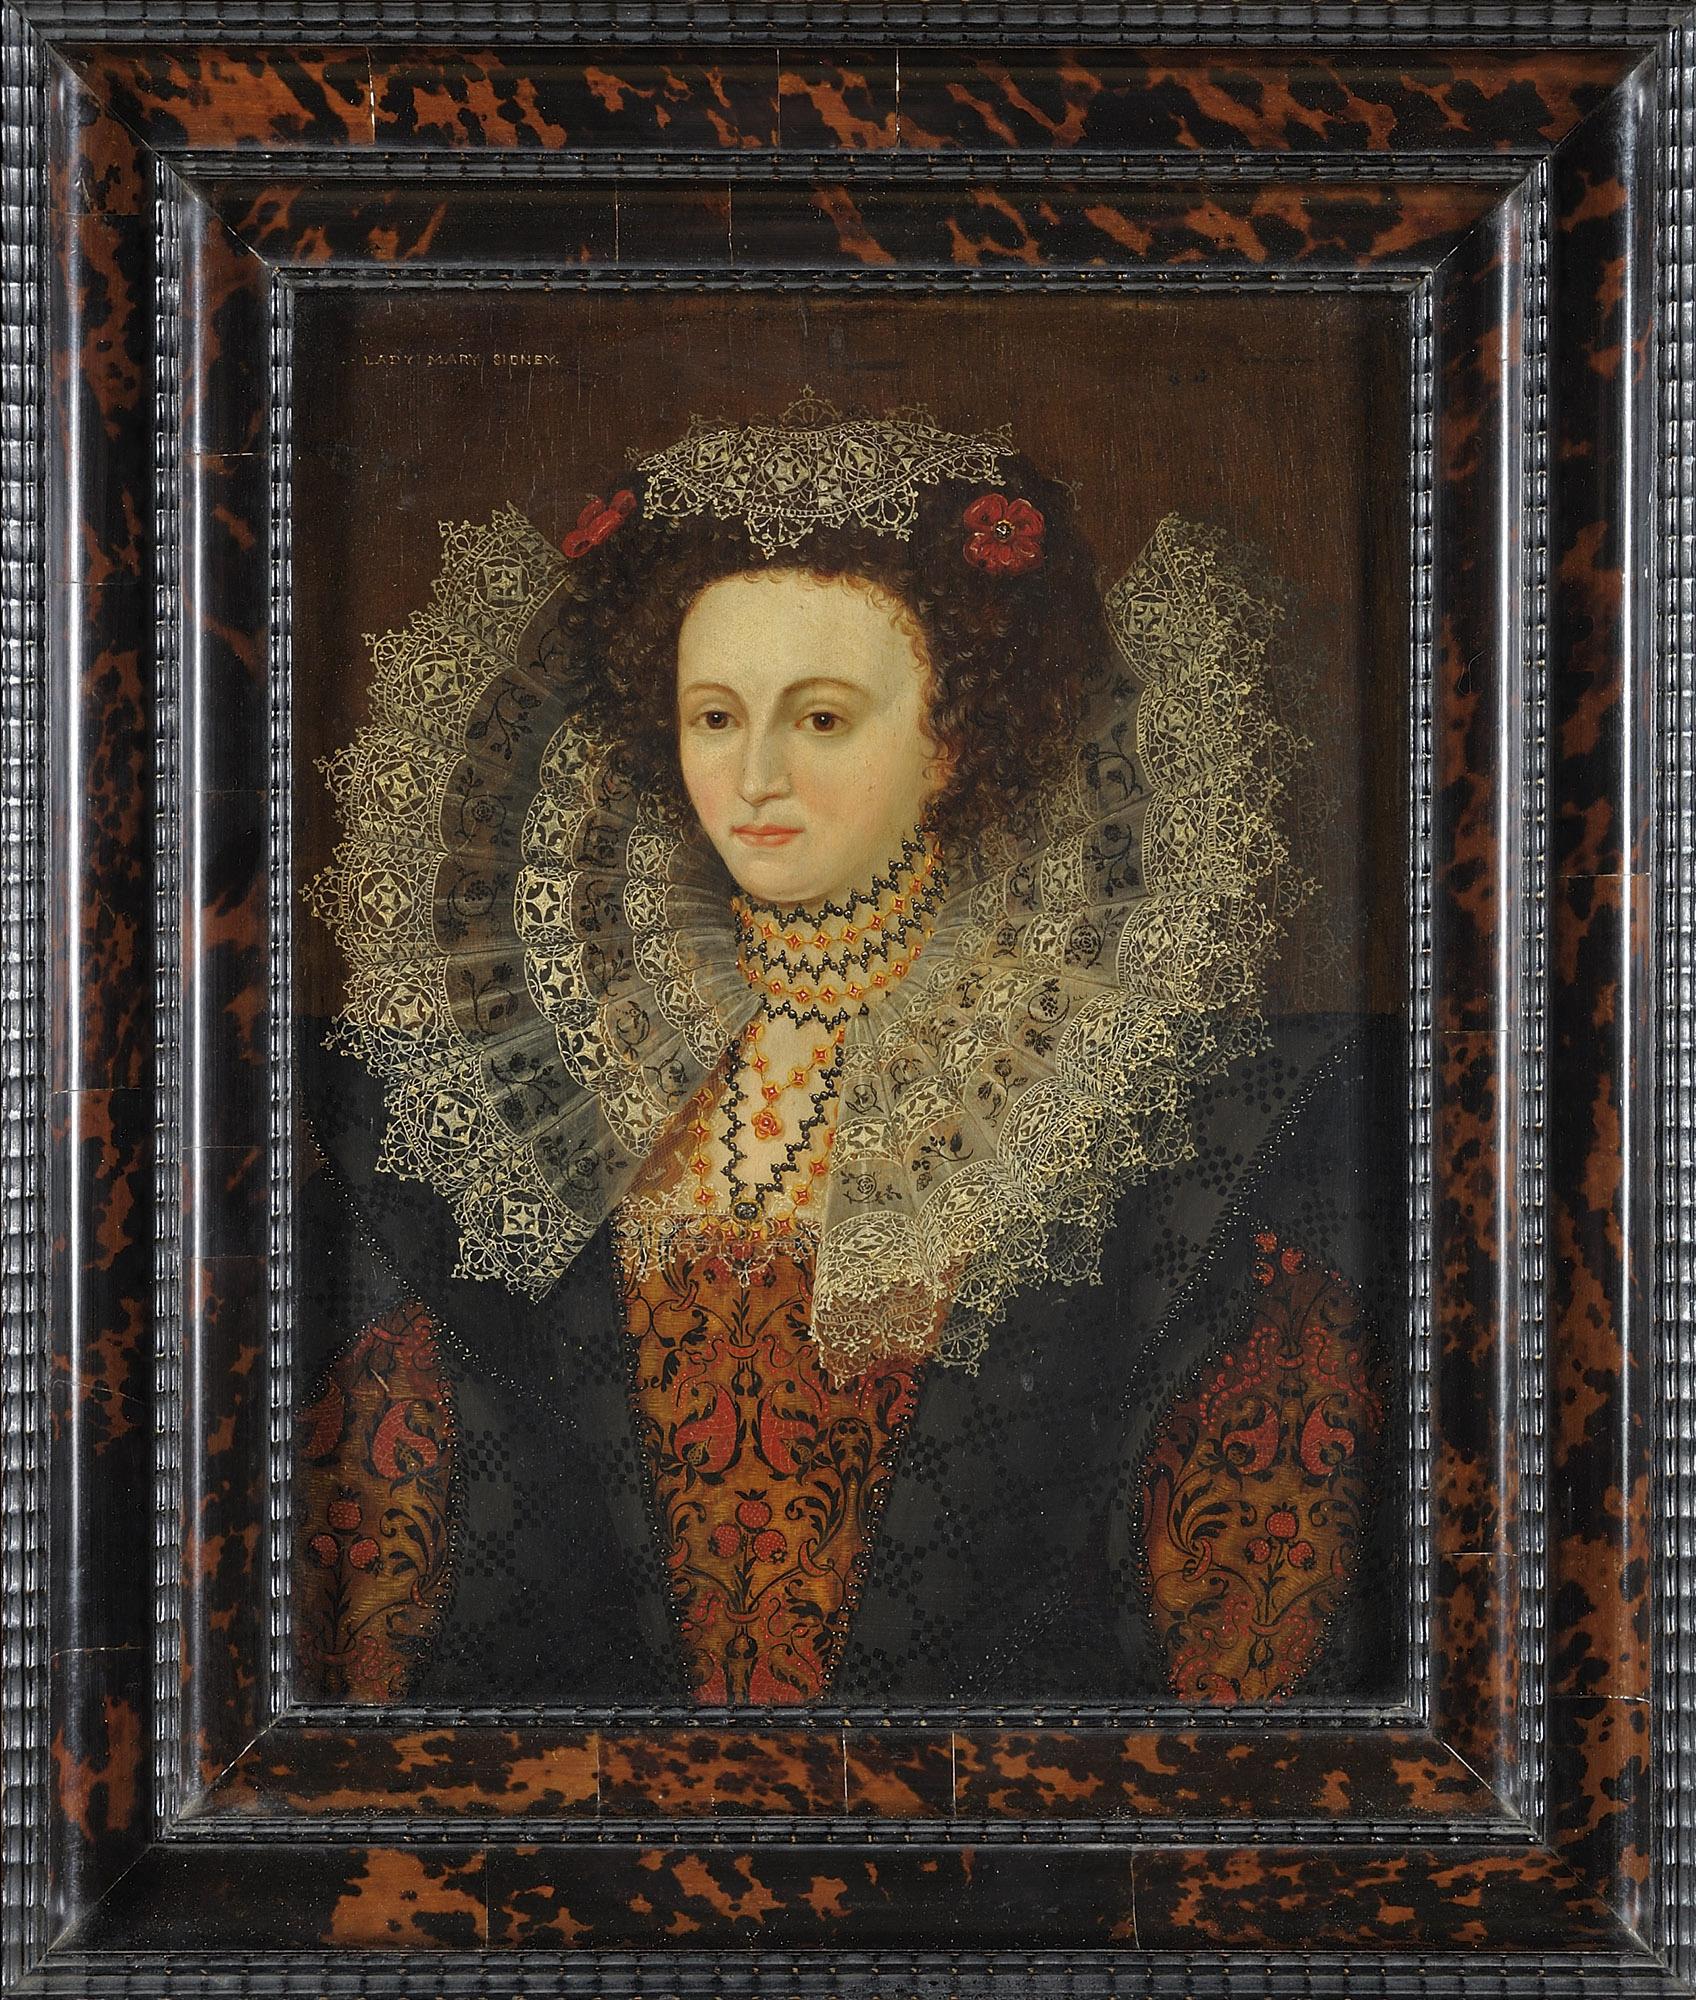 Ritratto di Mary Sidney, a mezzo busto, in abiti eleganti e colletto di pizzo